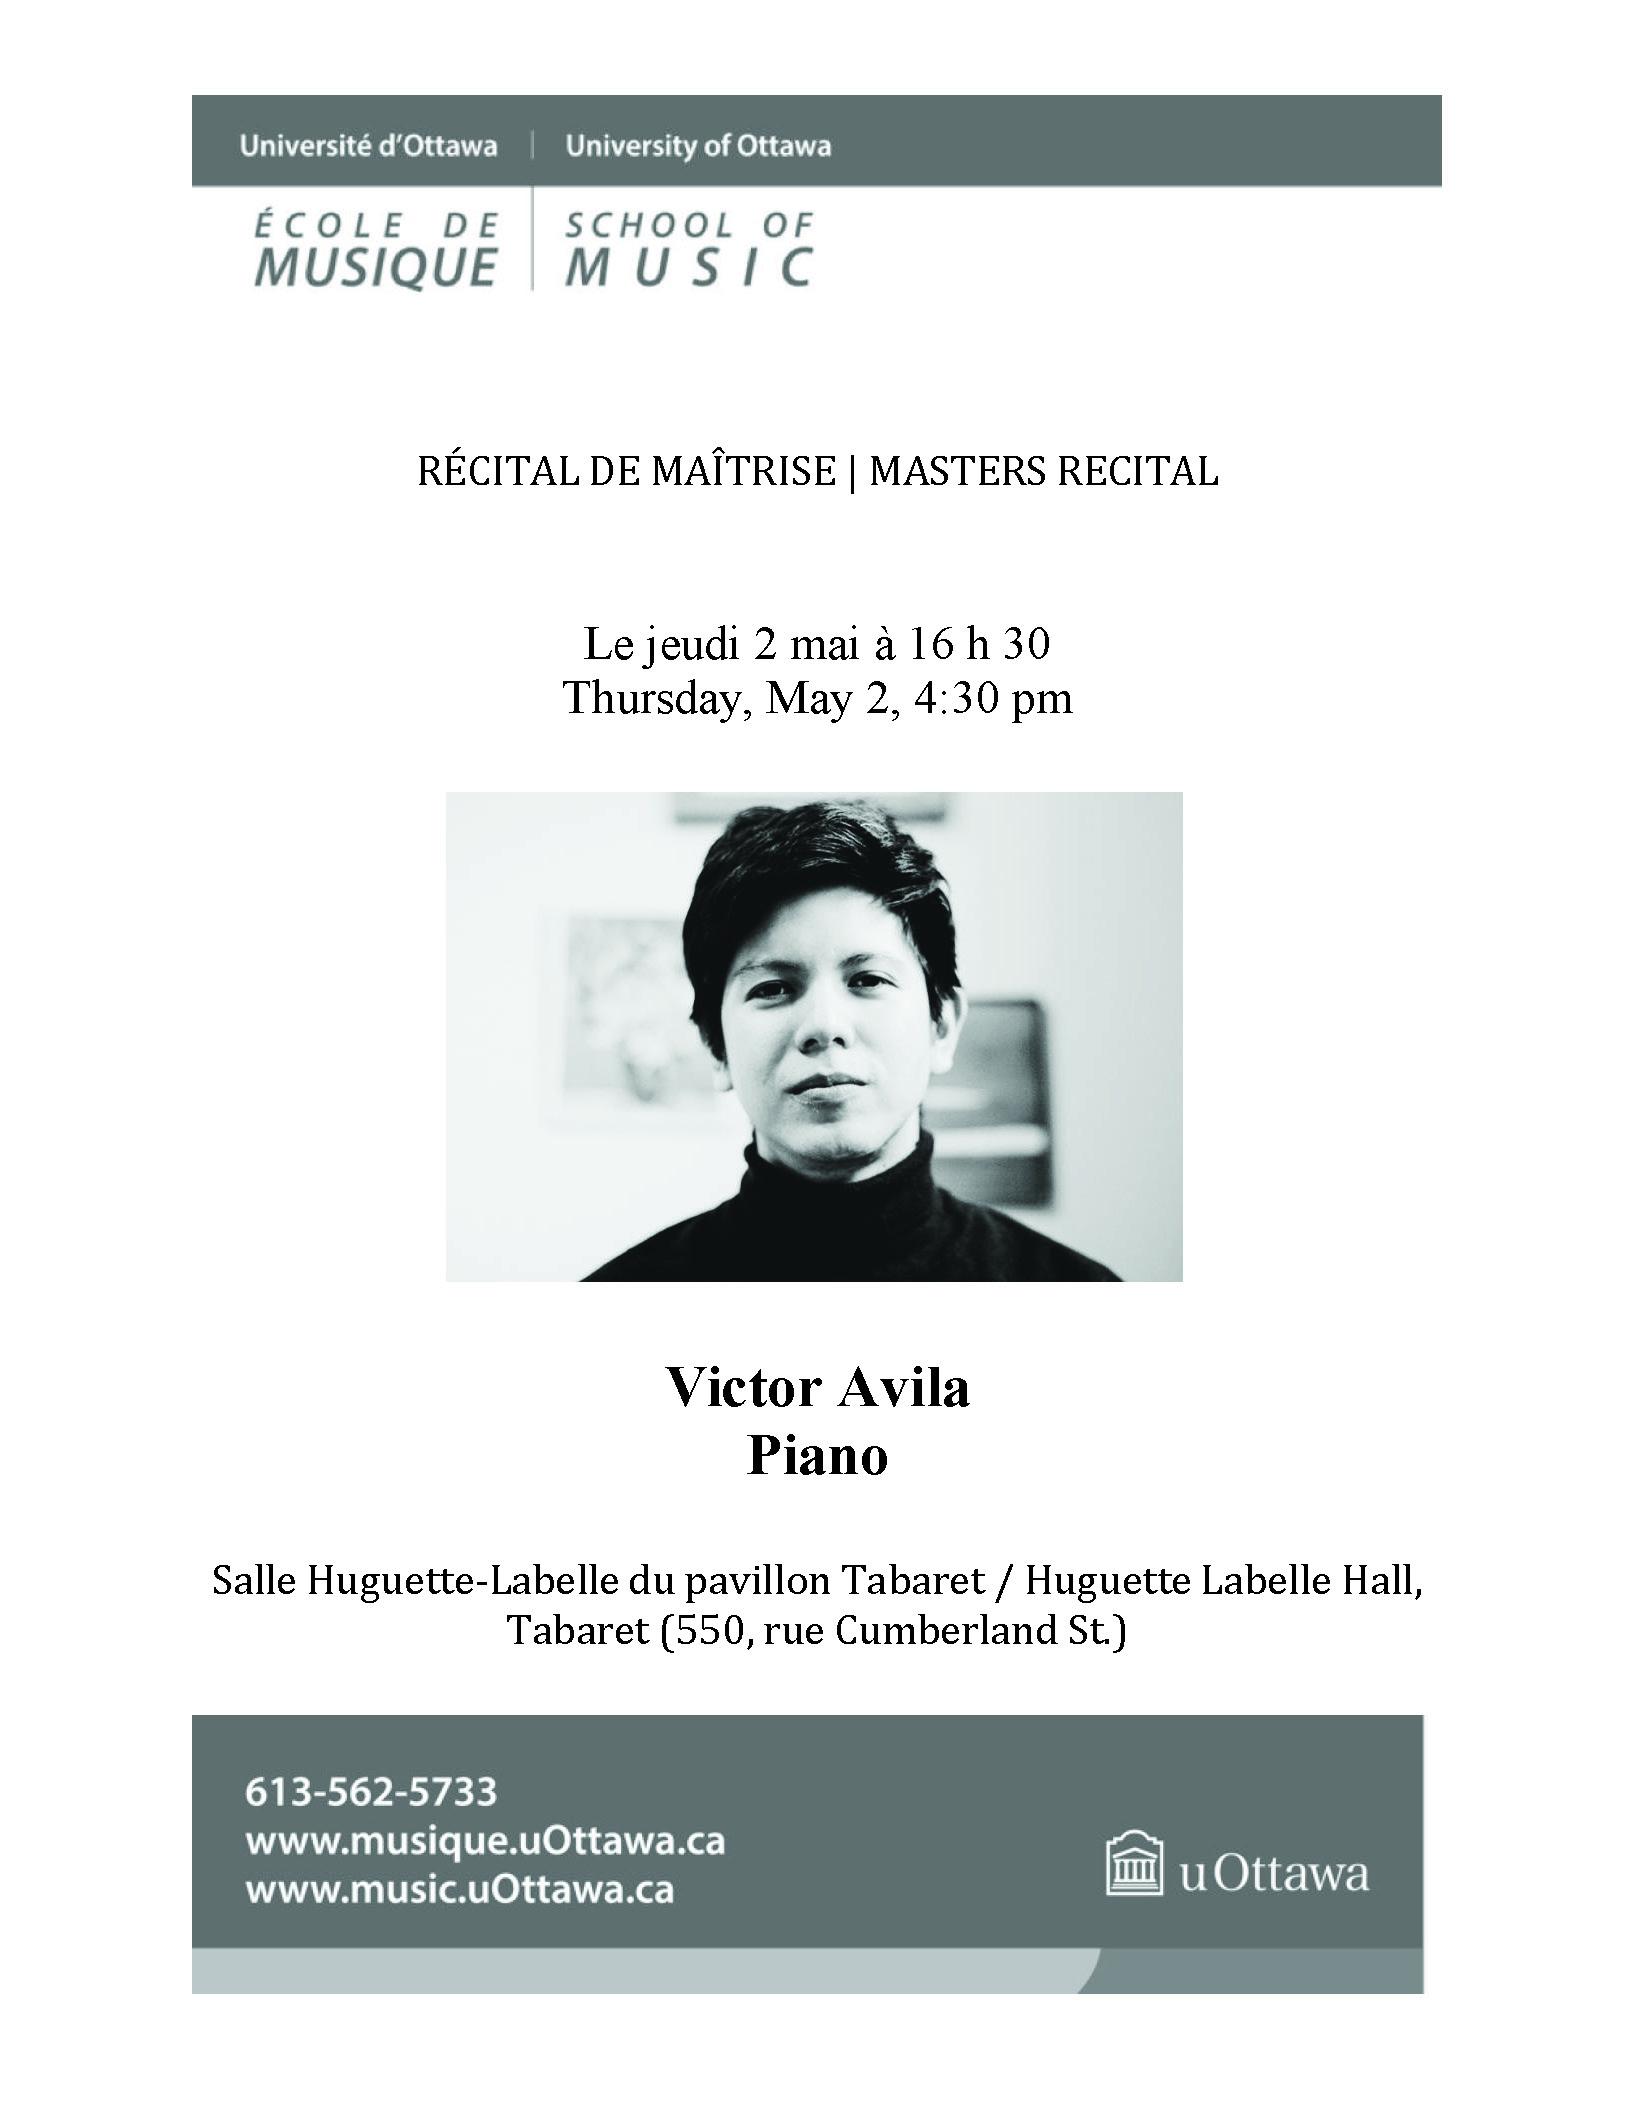 Recital program for Victor Avila, p. 1